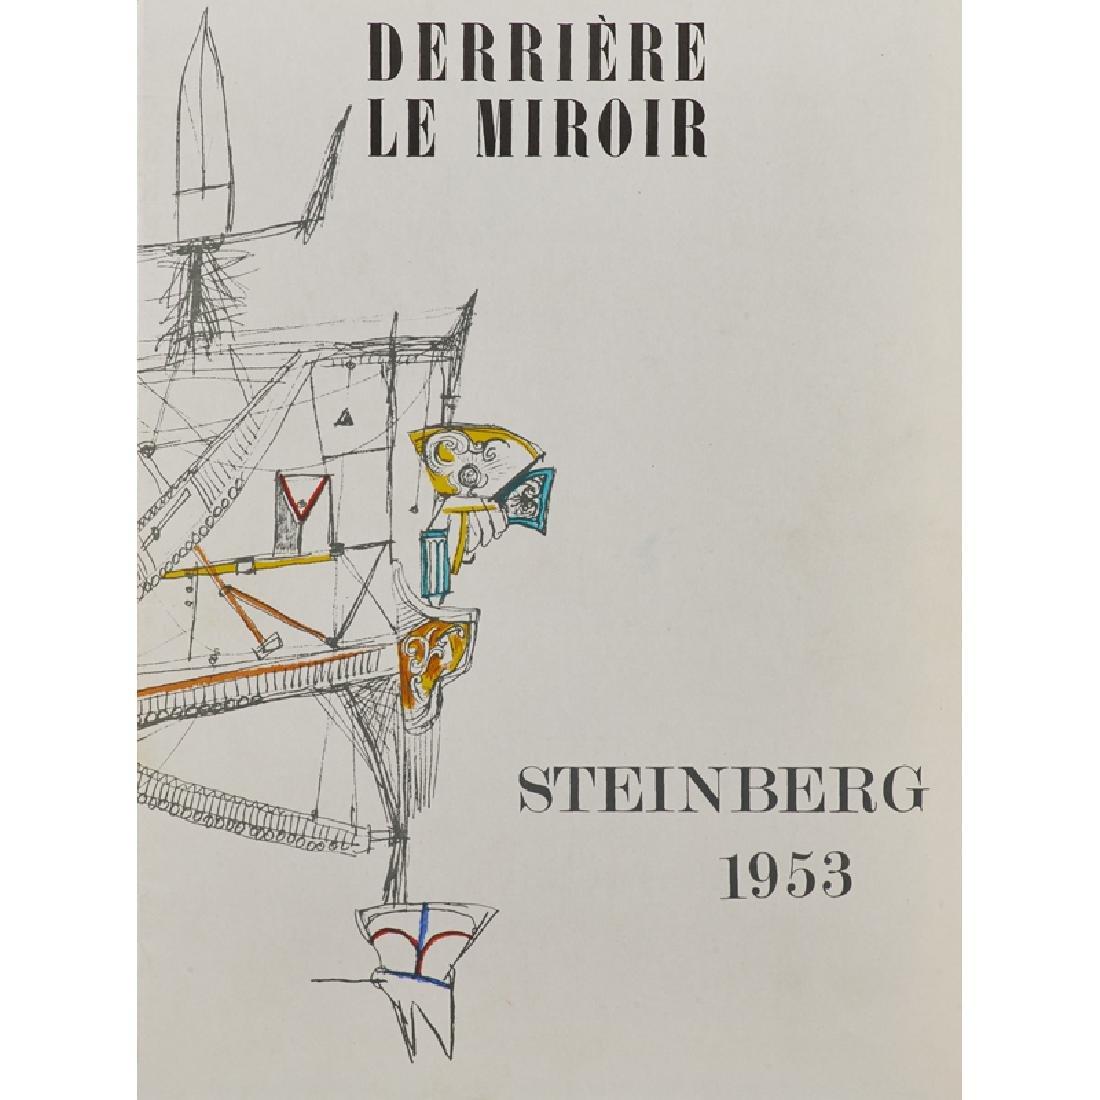 DERRIéRE LE MIROIR - 4